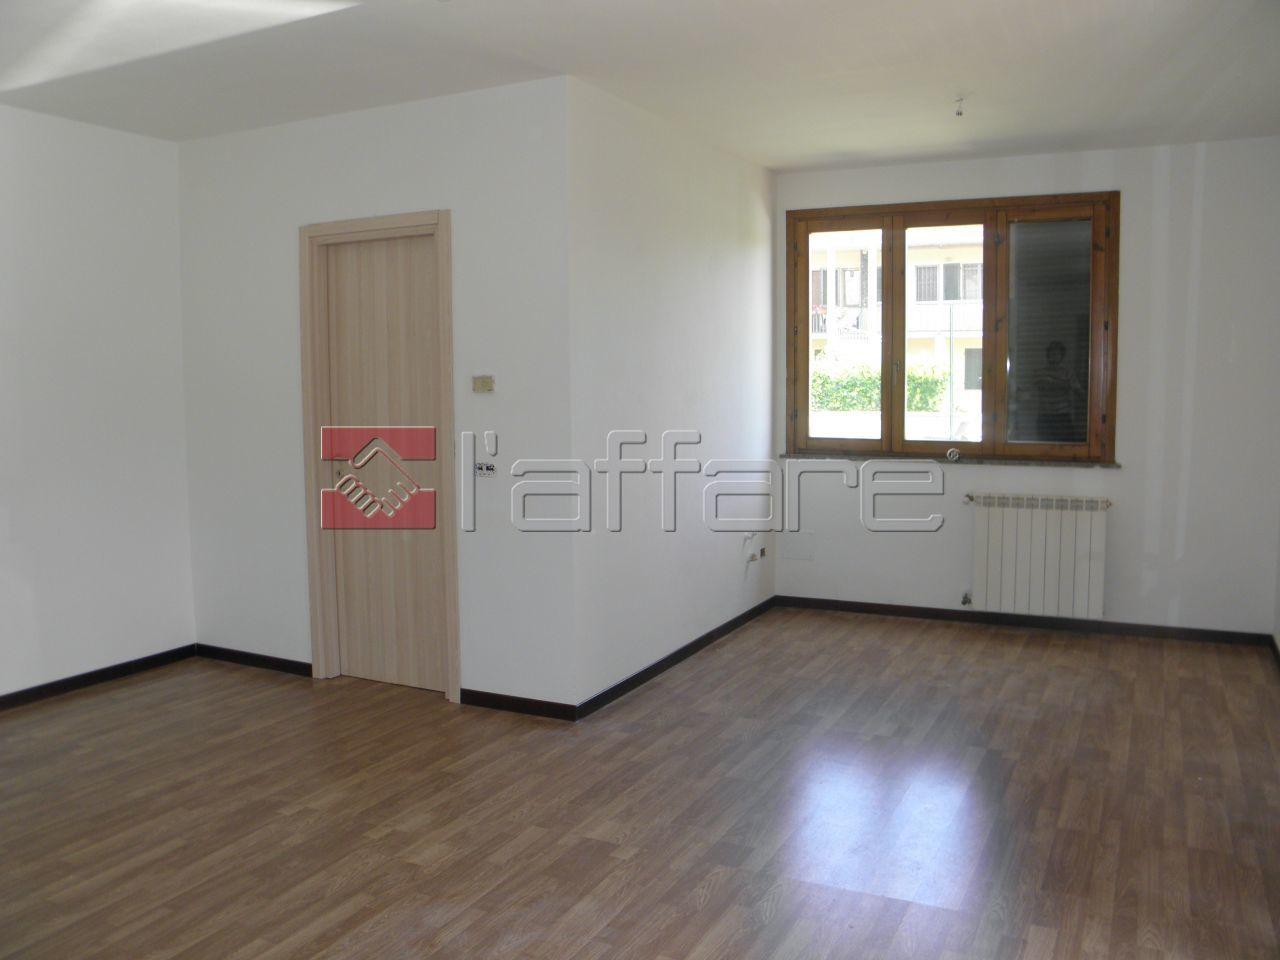 Ufficio / Studio in vendita a Ponsacco, 2 locali, prezzo € 50.000 | Cambio Casa.it